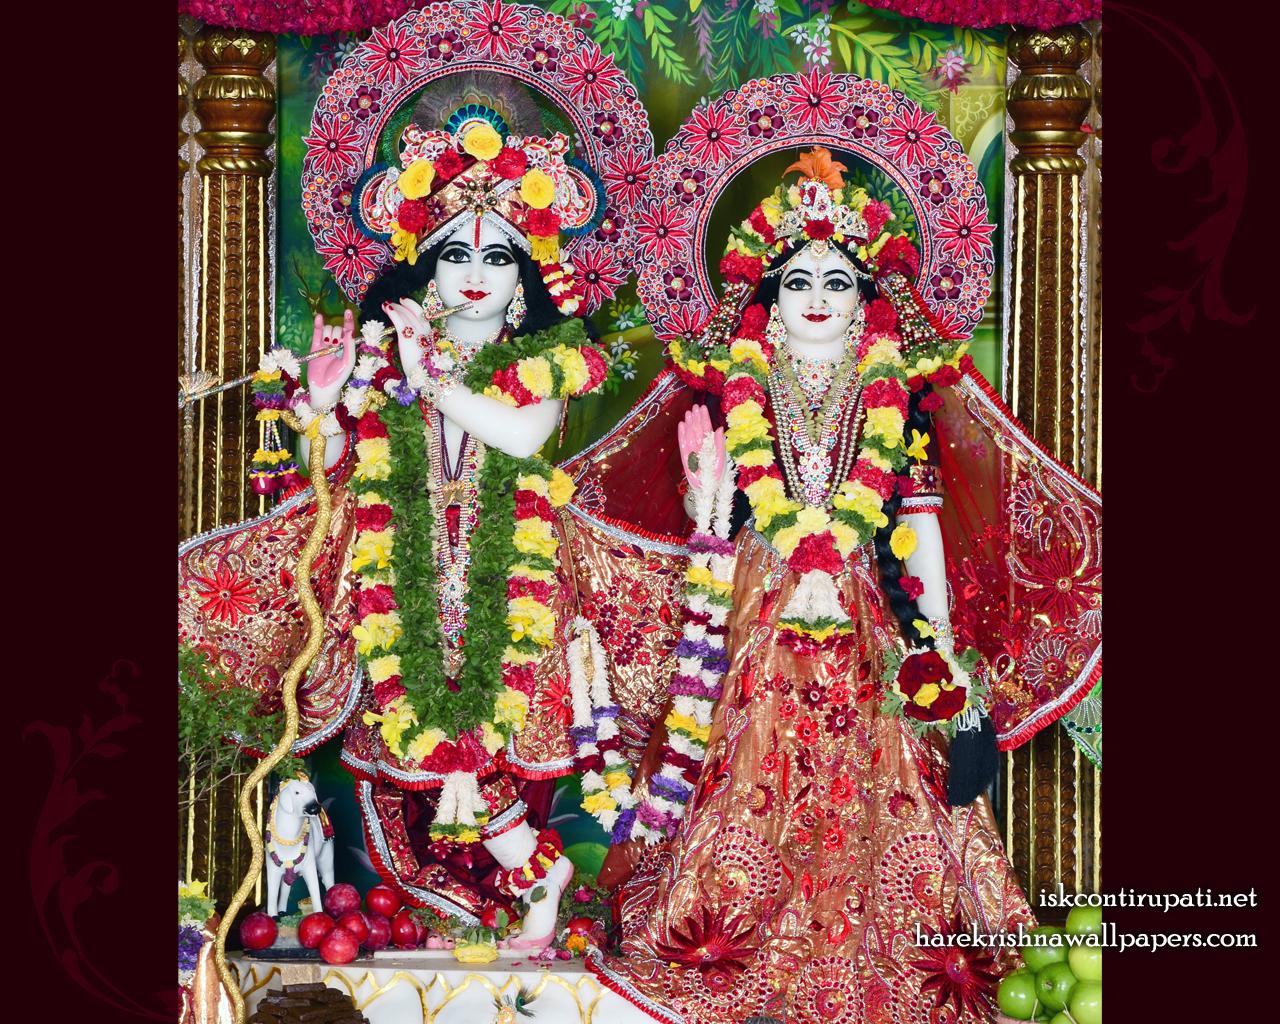 Sri Sri Radha Govinda Wallpaper (010) Size 1280x1024 Download